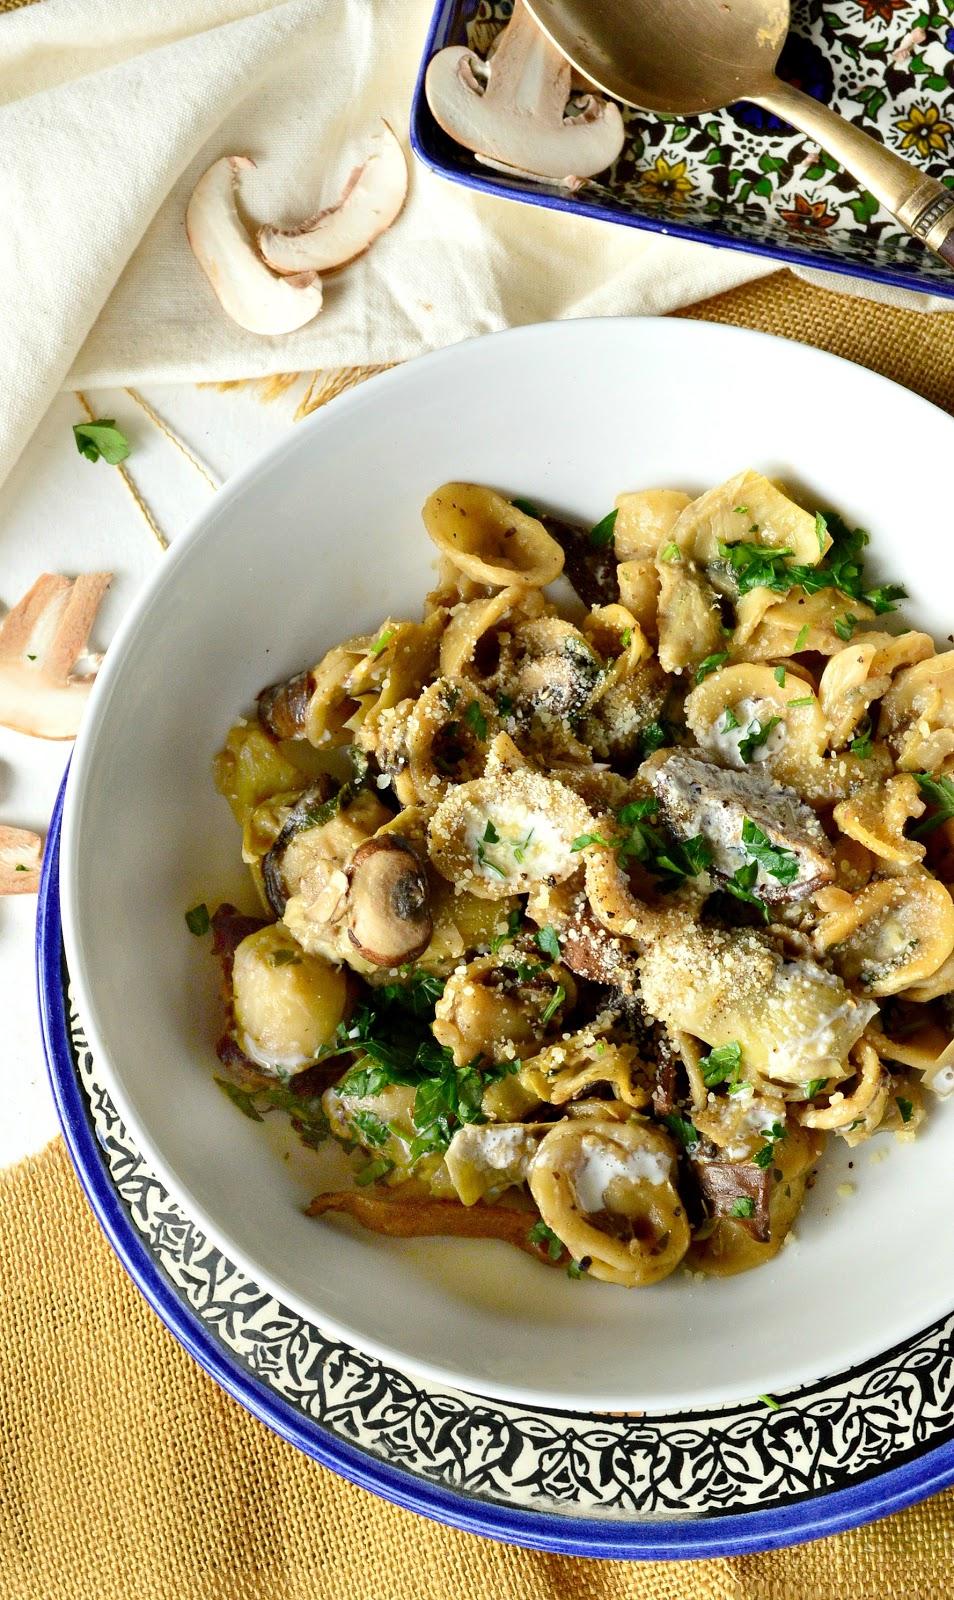 bowl, artichokes, mushrooms, pasta